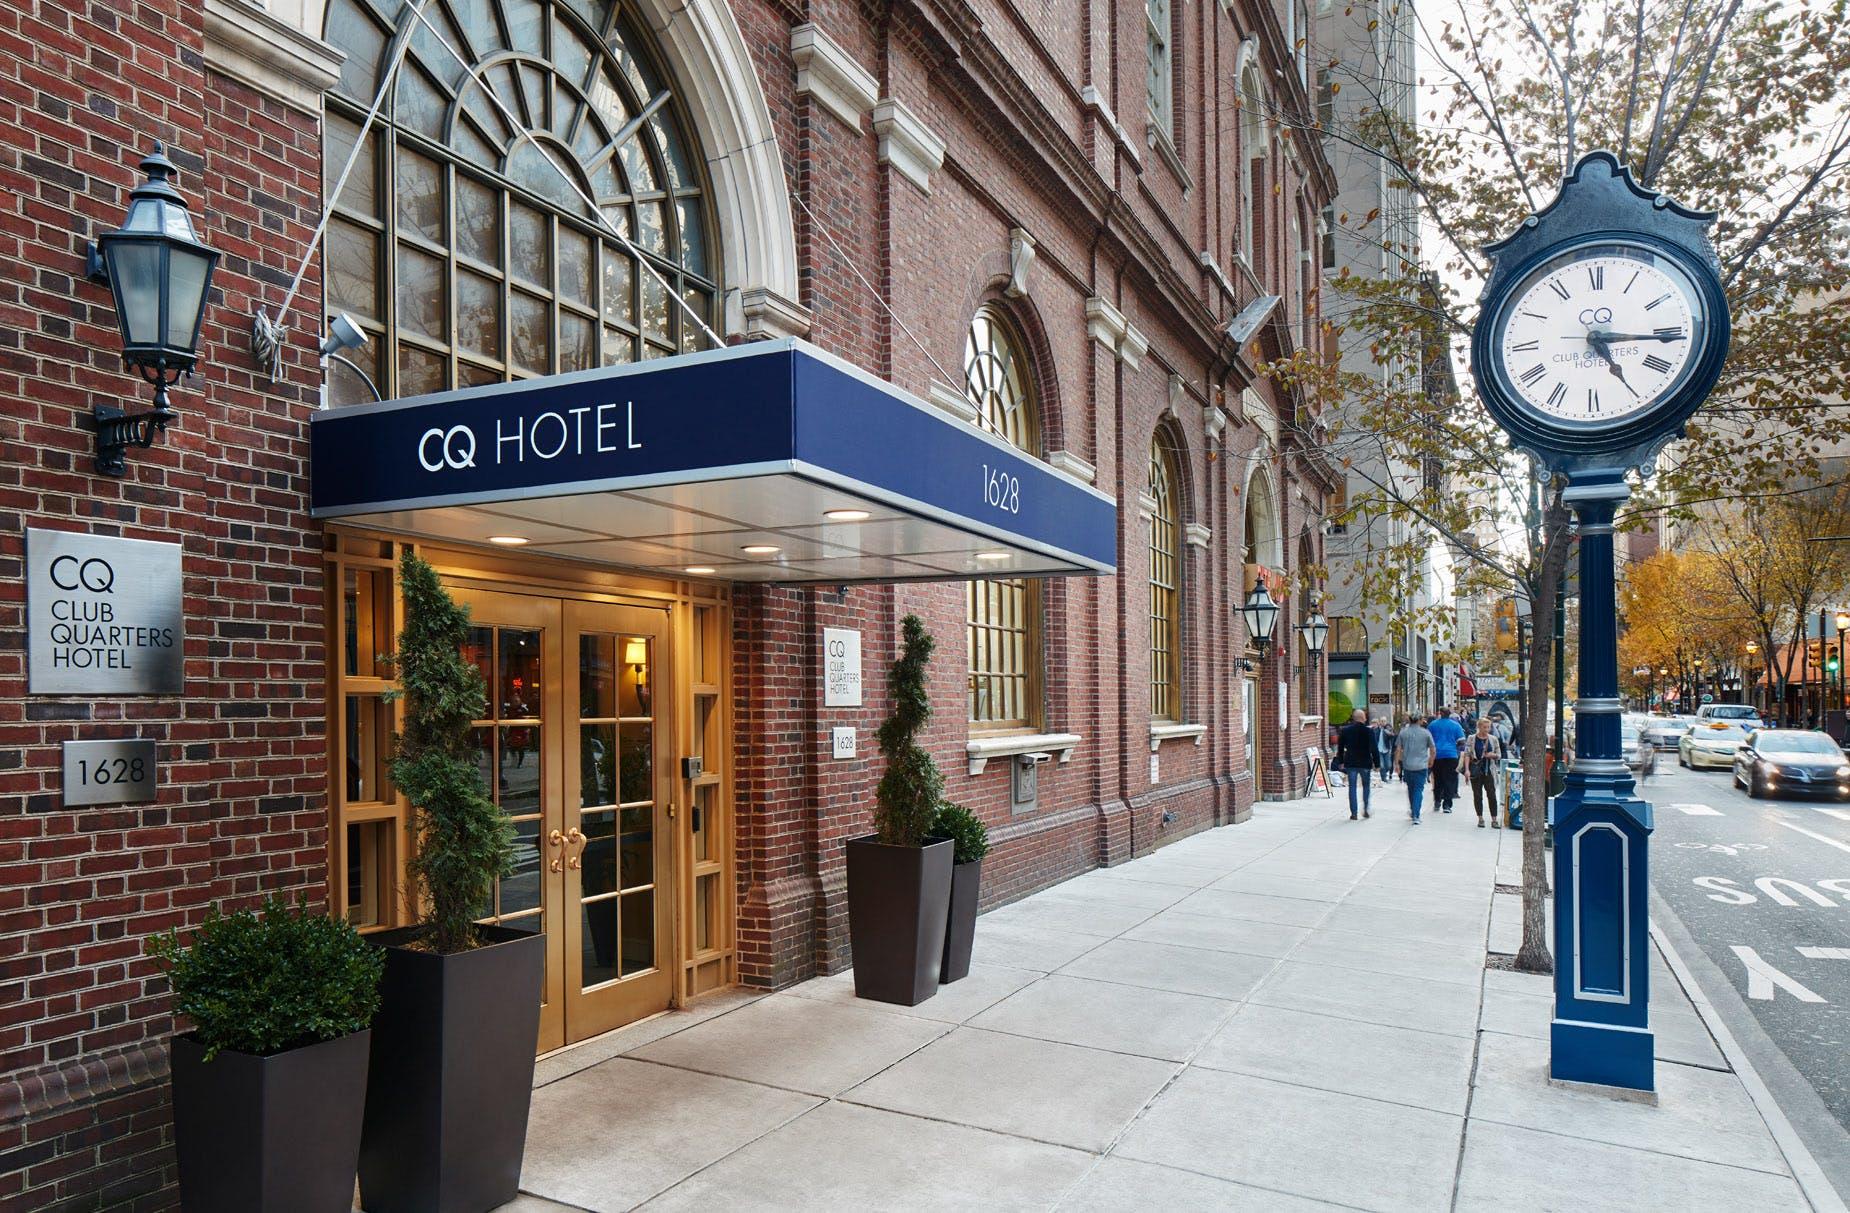 Exterior of Club Quarters Hotel in Philadelphia